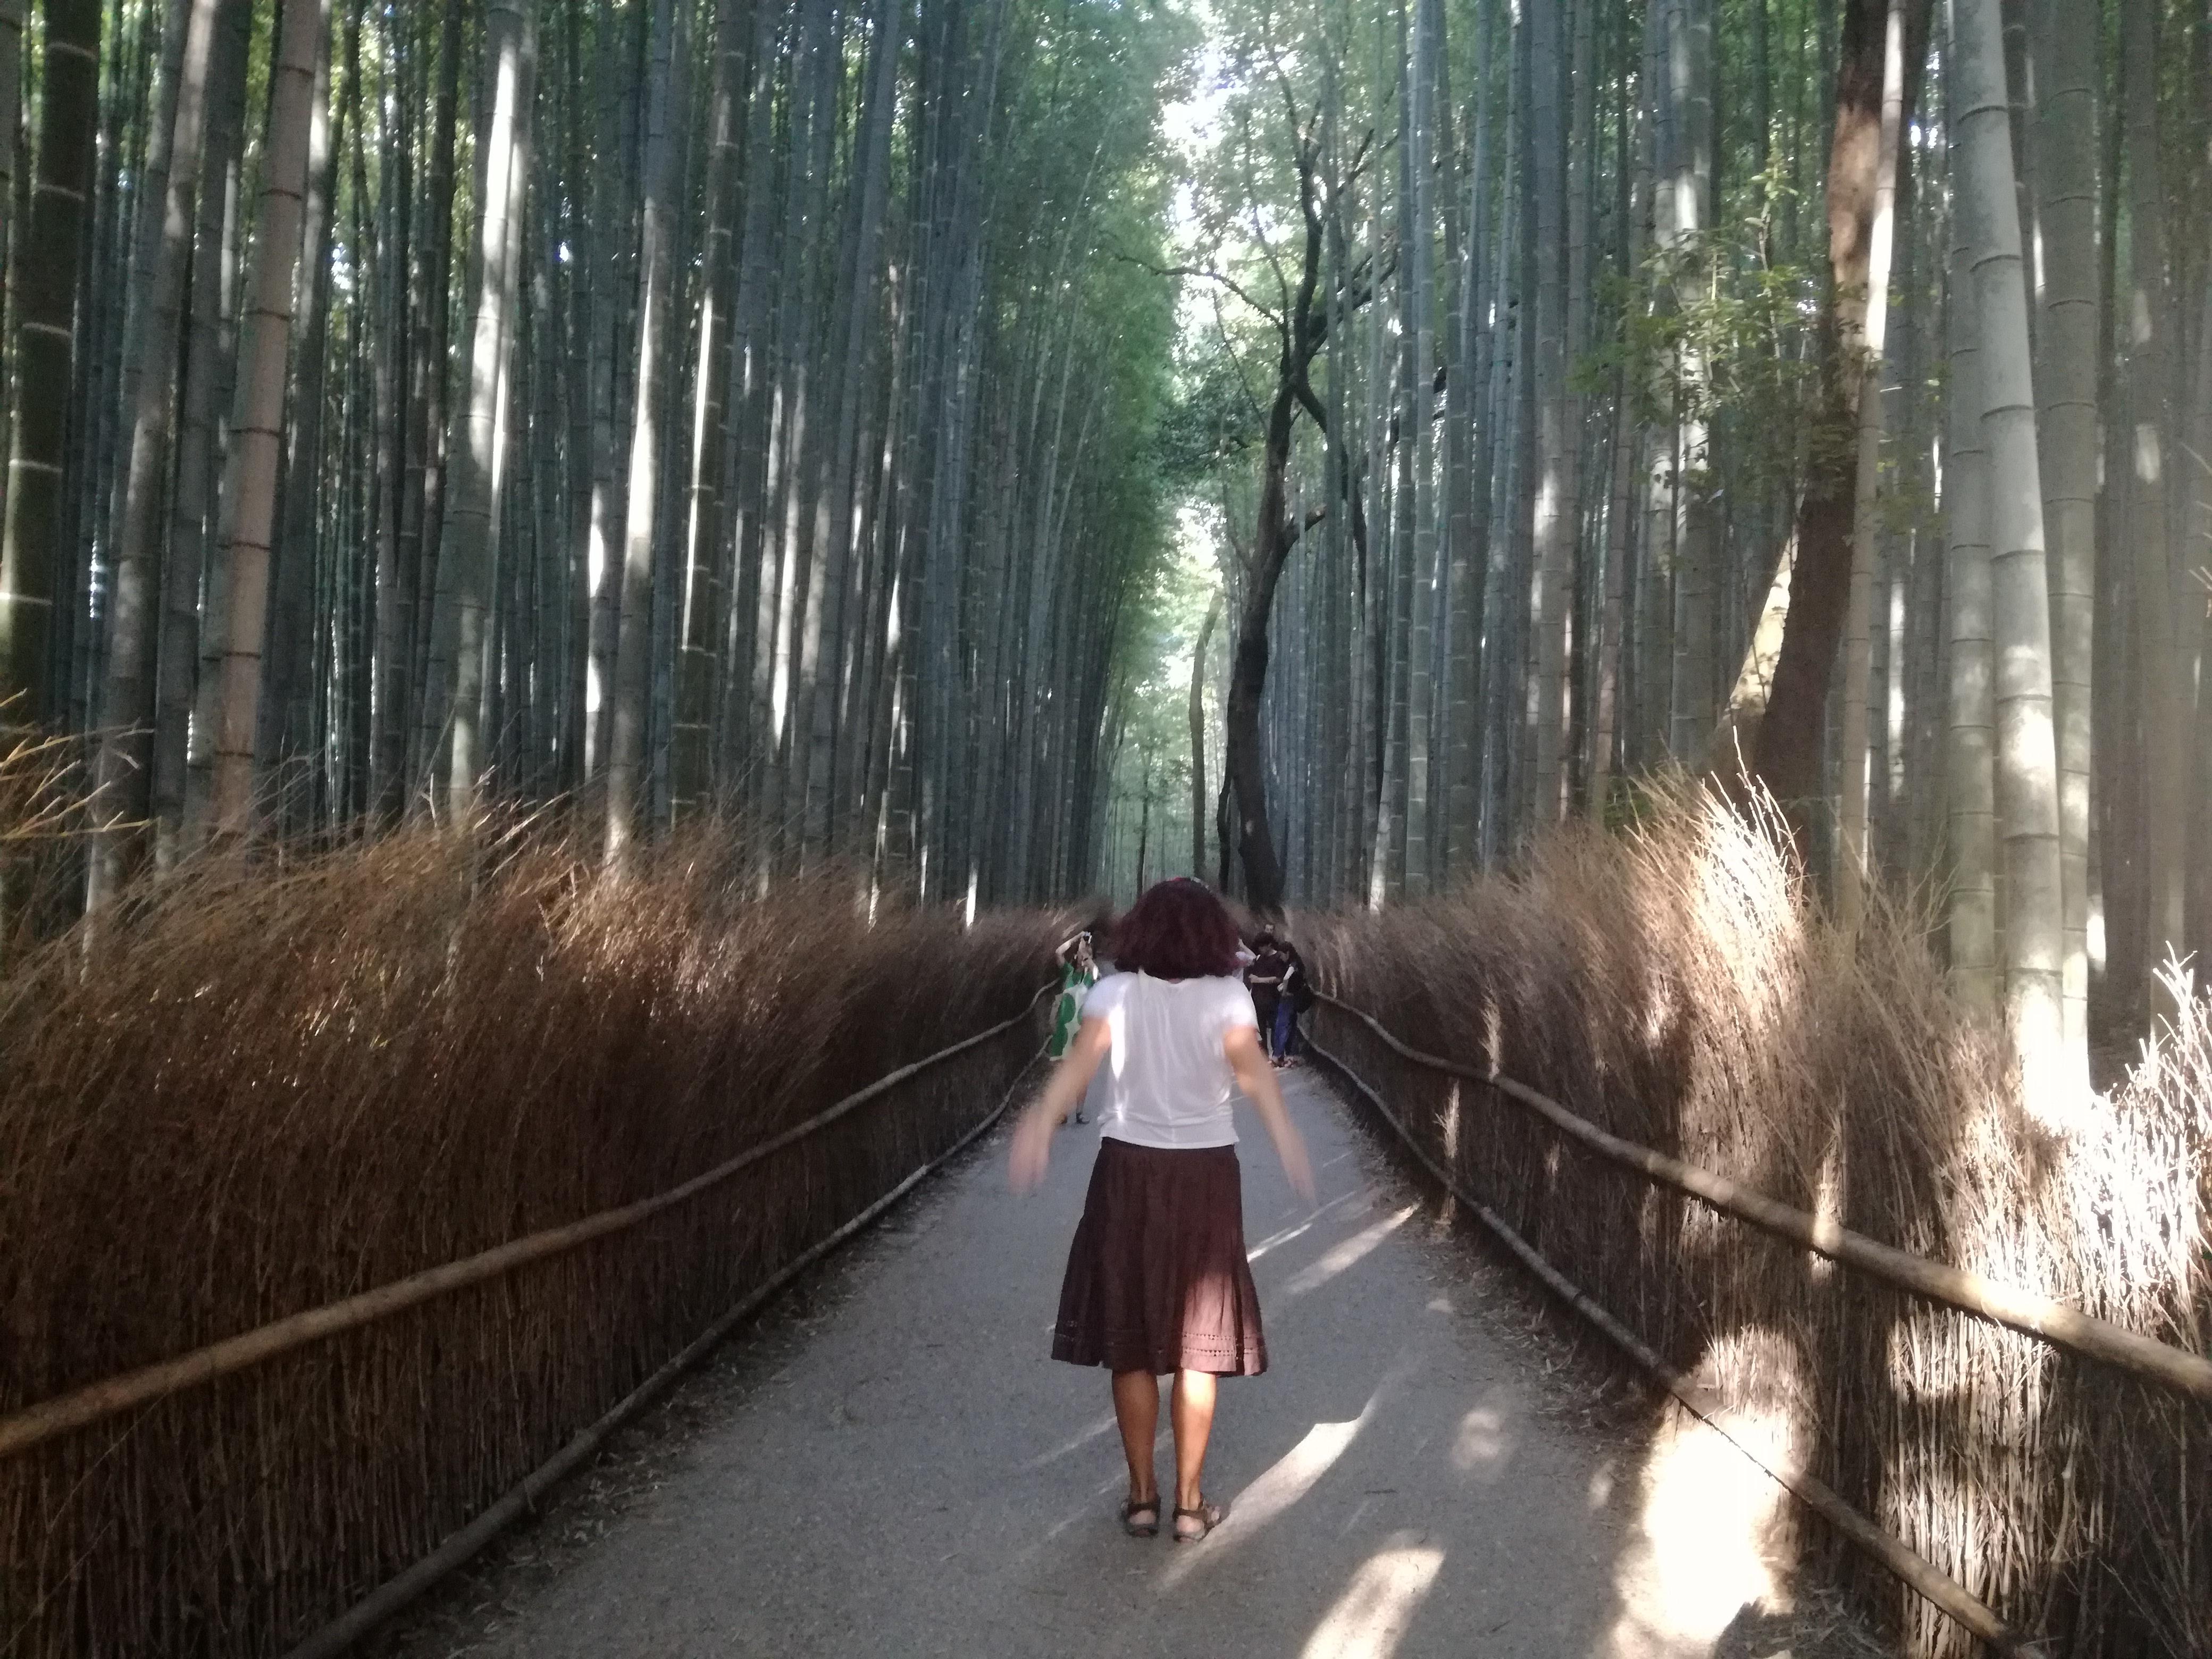 Padurea de Bambus din Kyoto, Japonia, sau cand natura se da in spectacol!